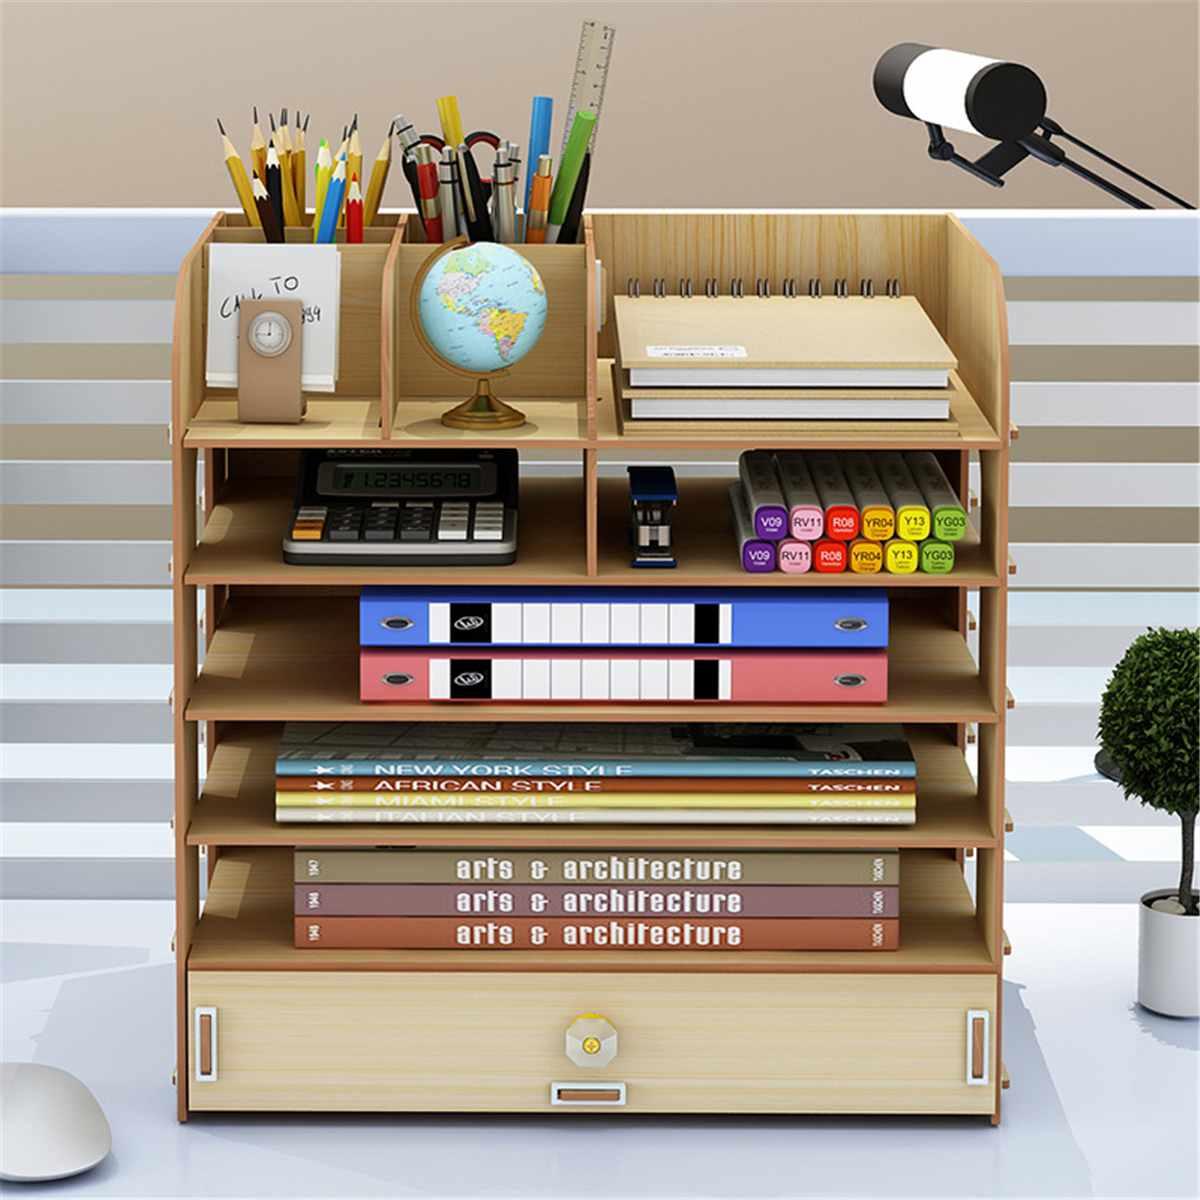 Wooden Desktop Office File Organizer Study Supplies Book Storage Home Office Supplies Pencil Holder Storage Box Decoration